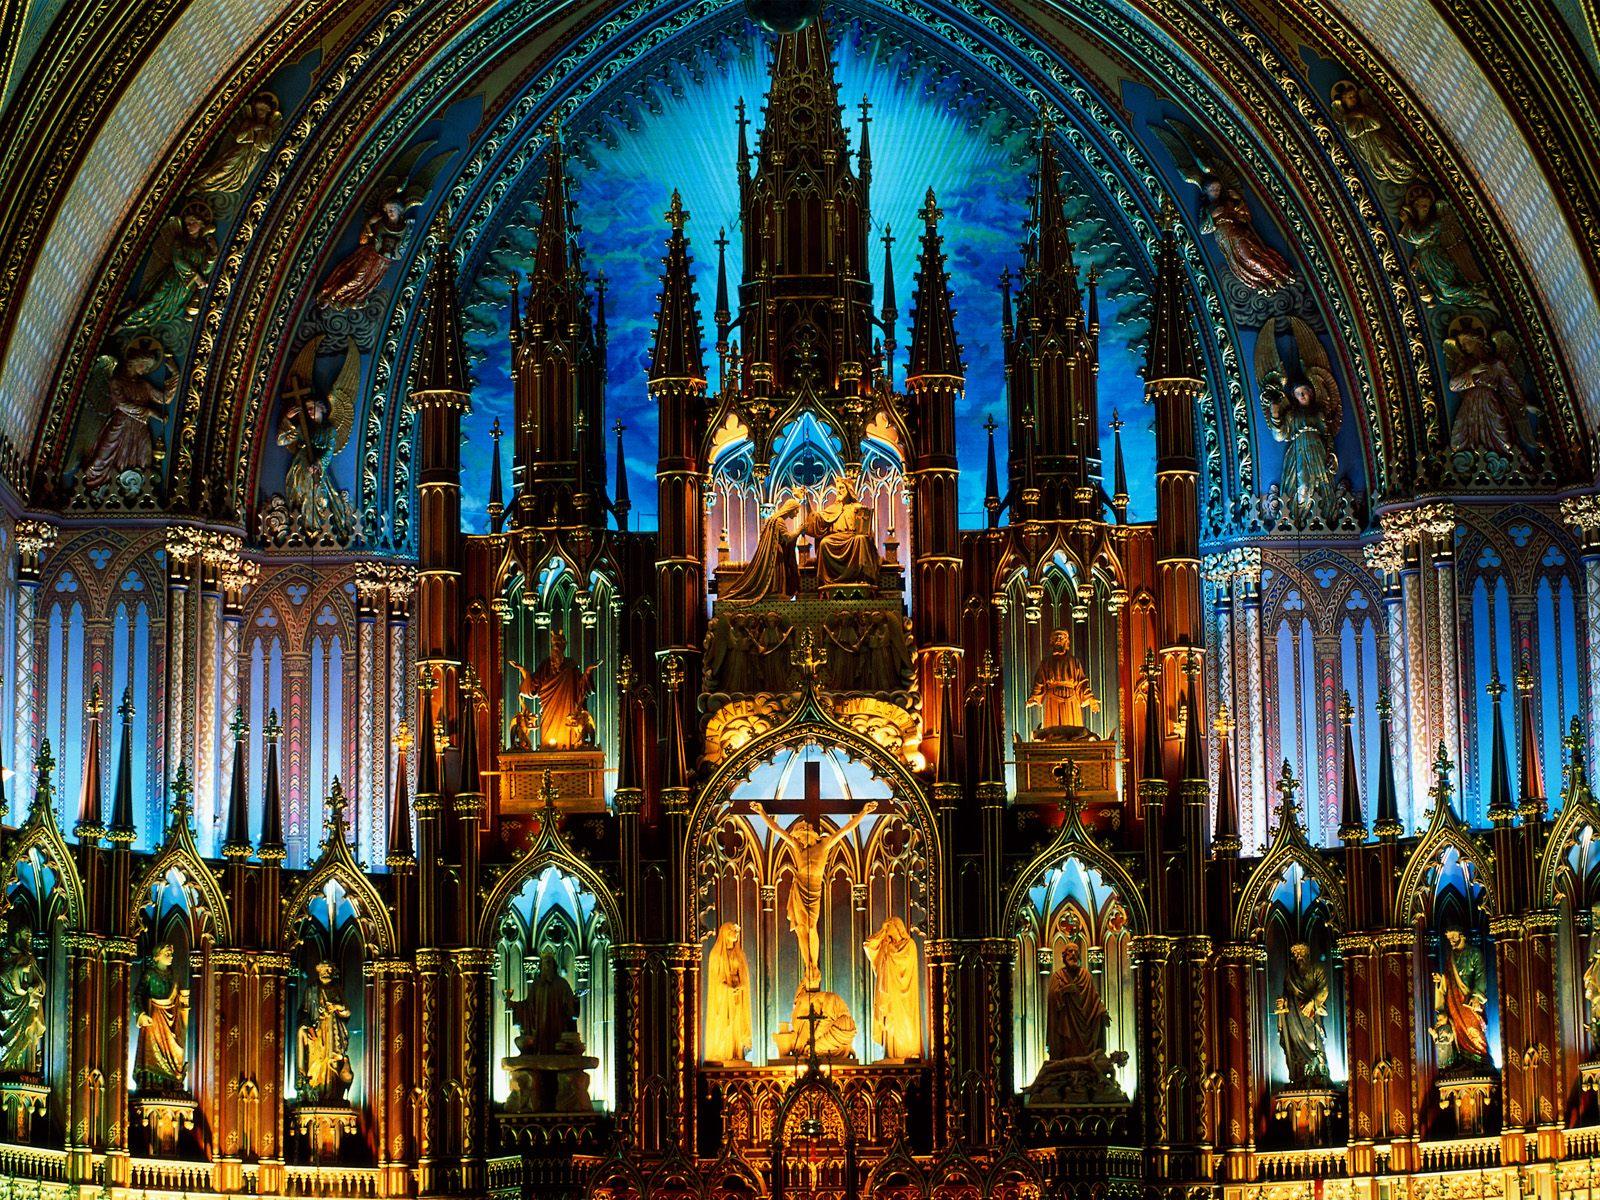 архитектура город страны Базилика Святого Николая Амстердам  № 3712184 загрузить